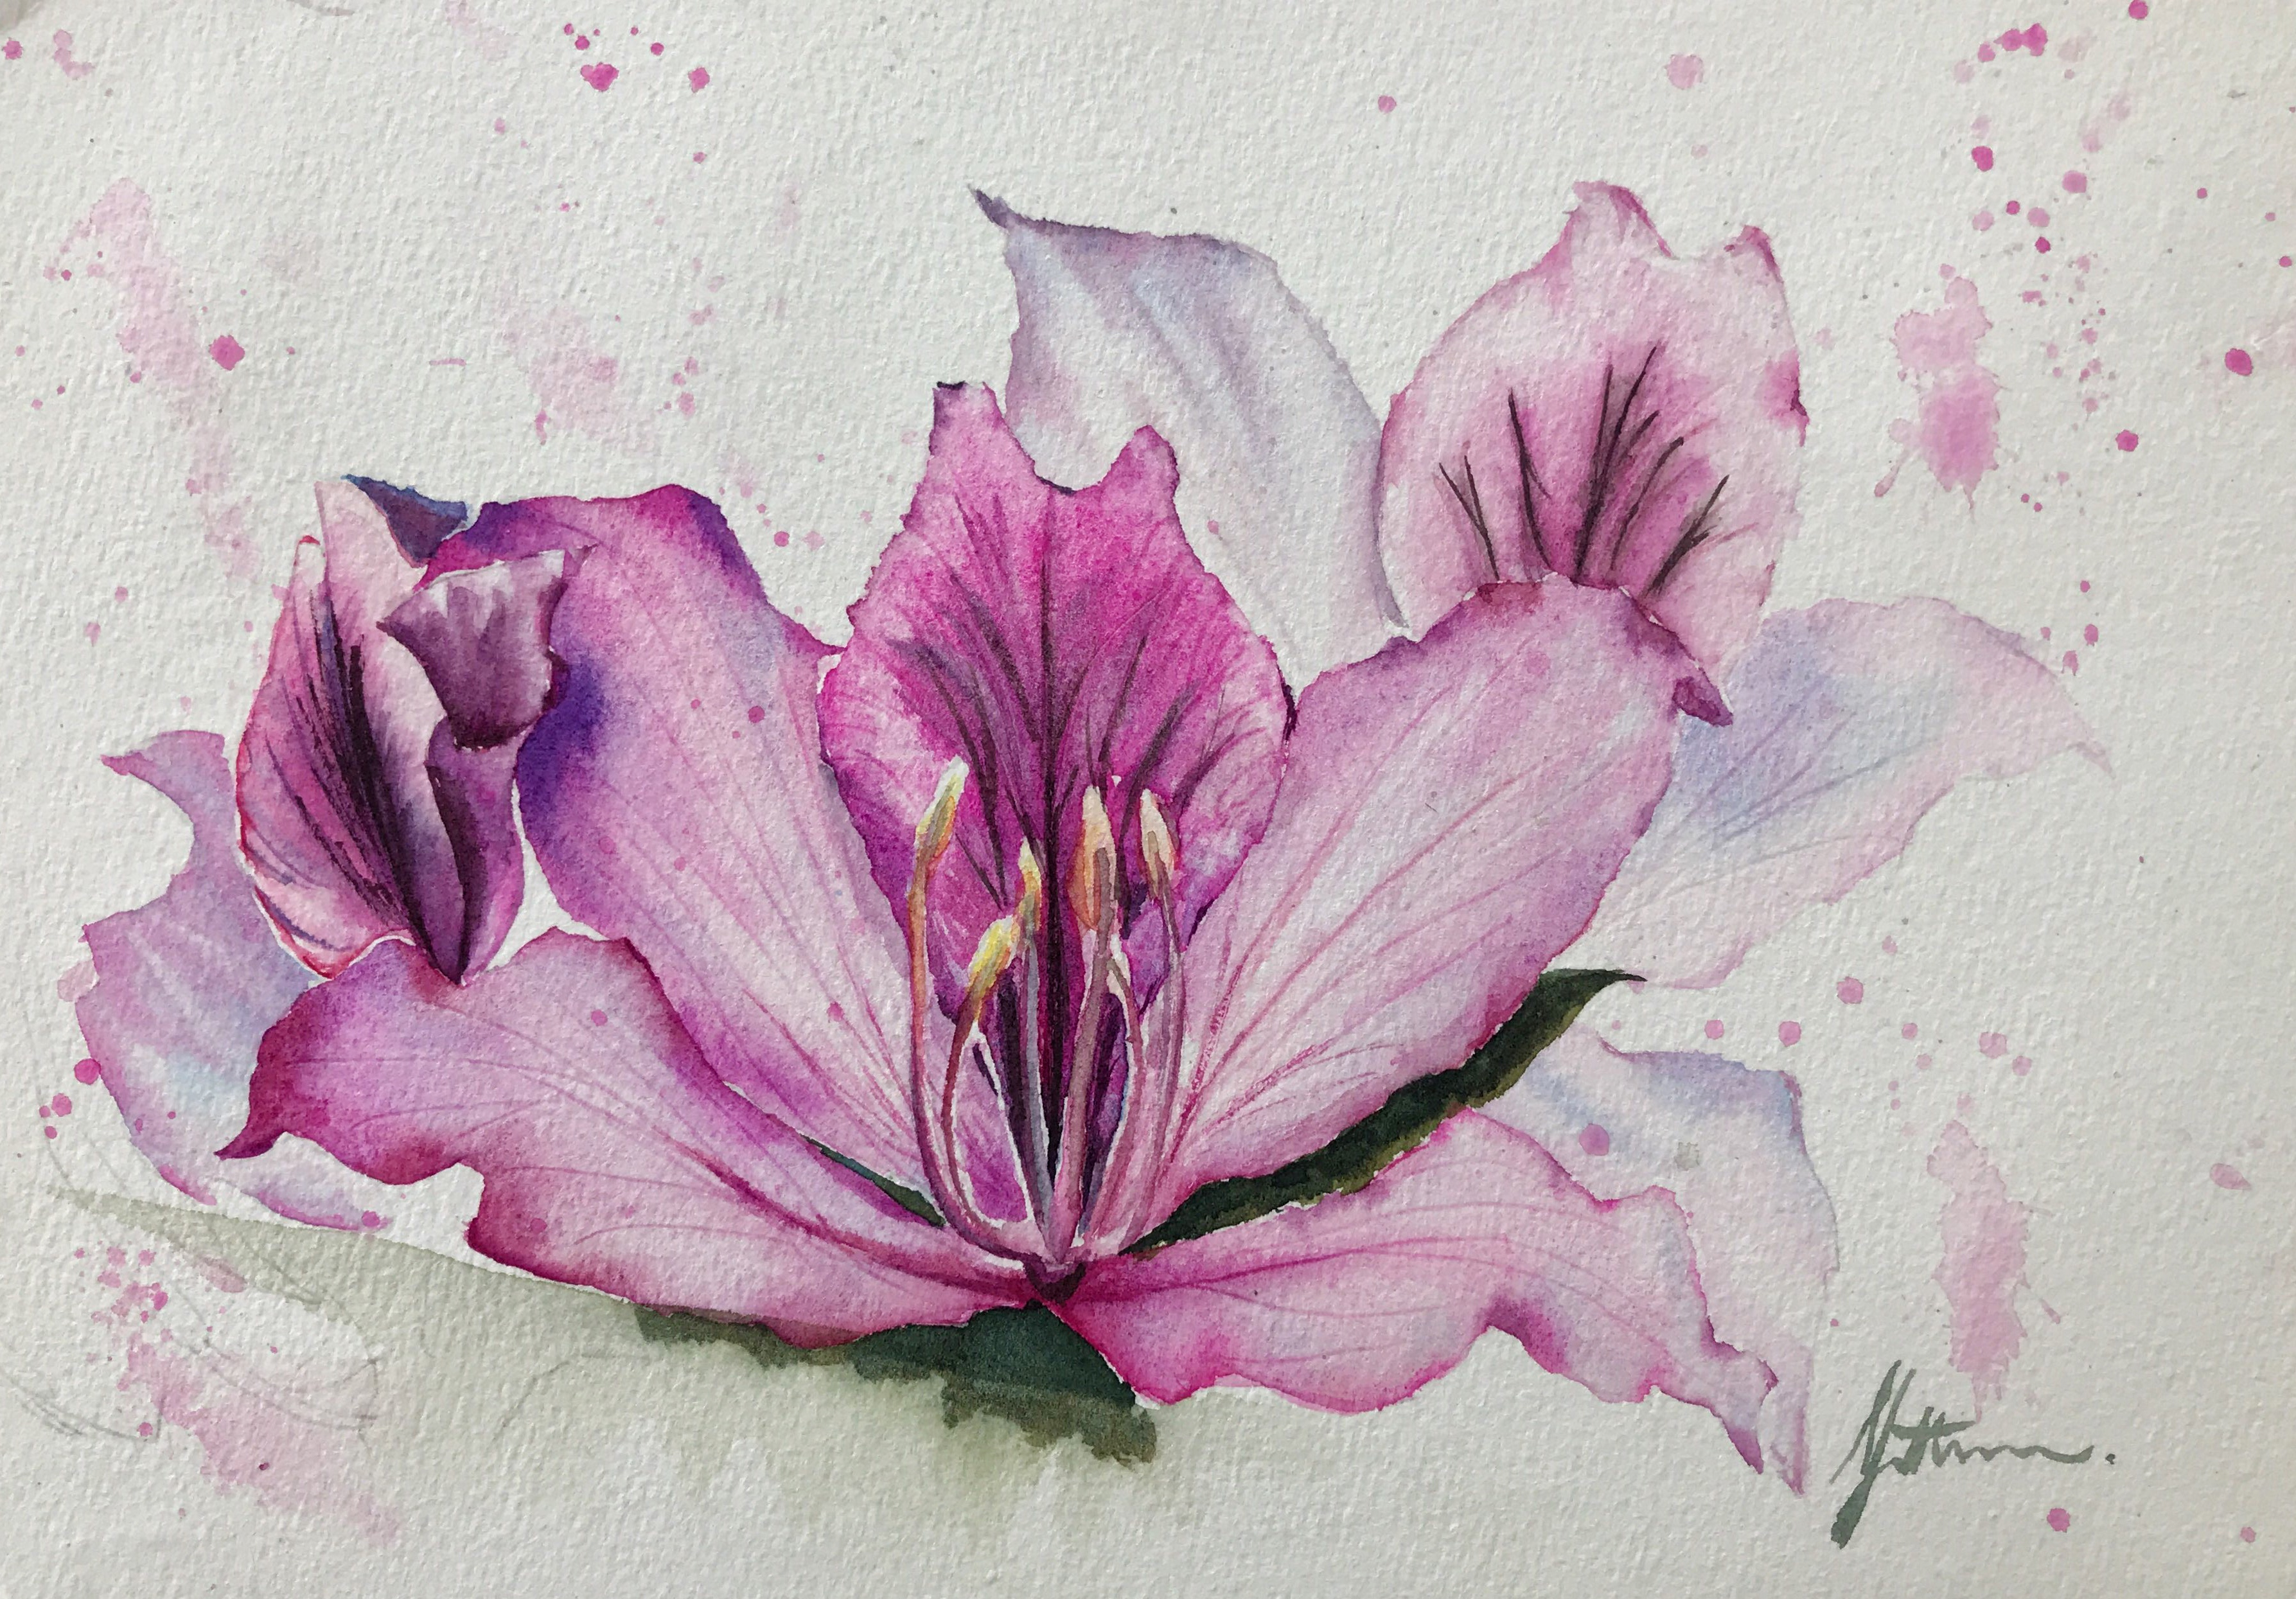 < Flower of Hong Kong -- Bauhinia >